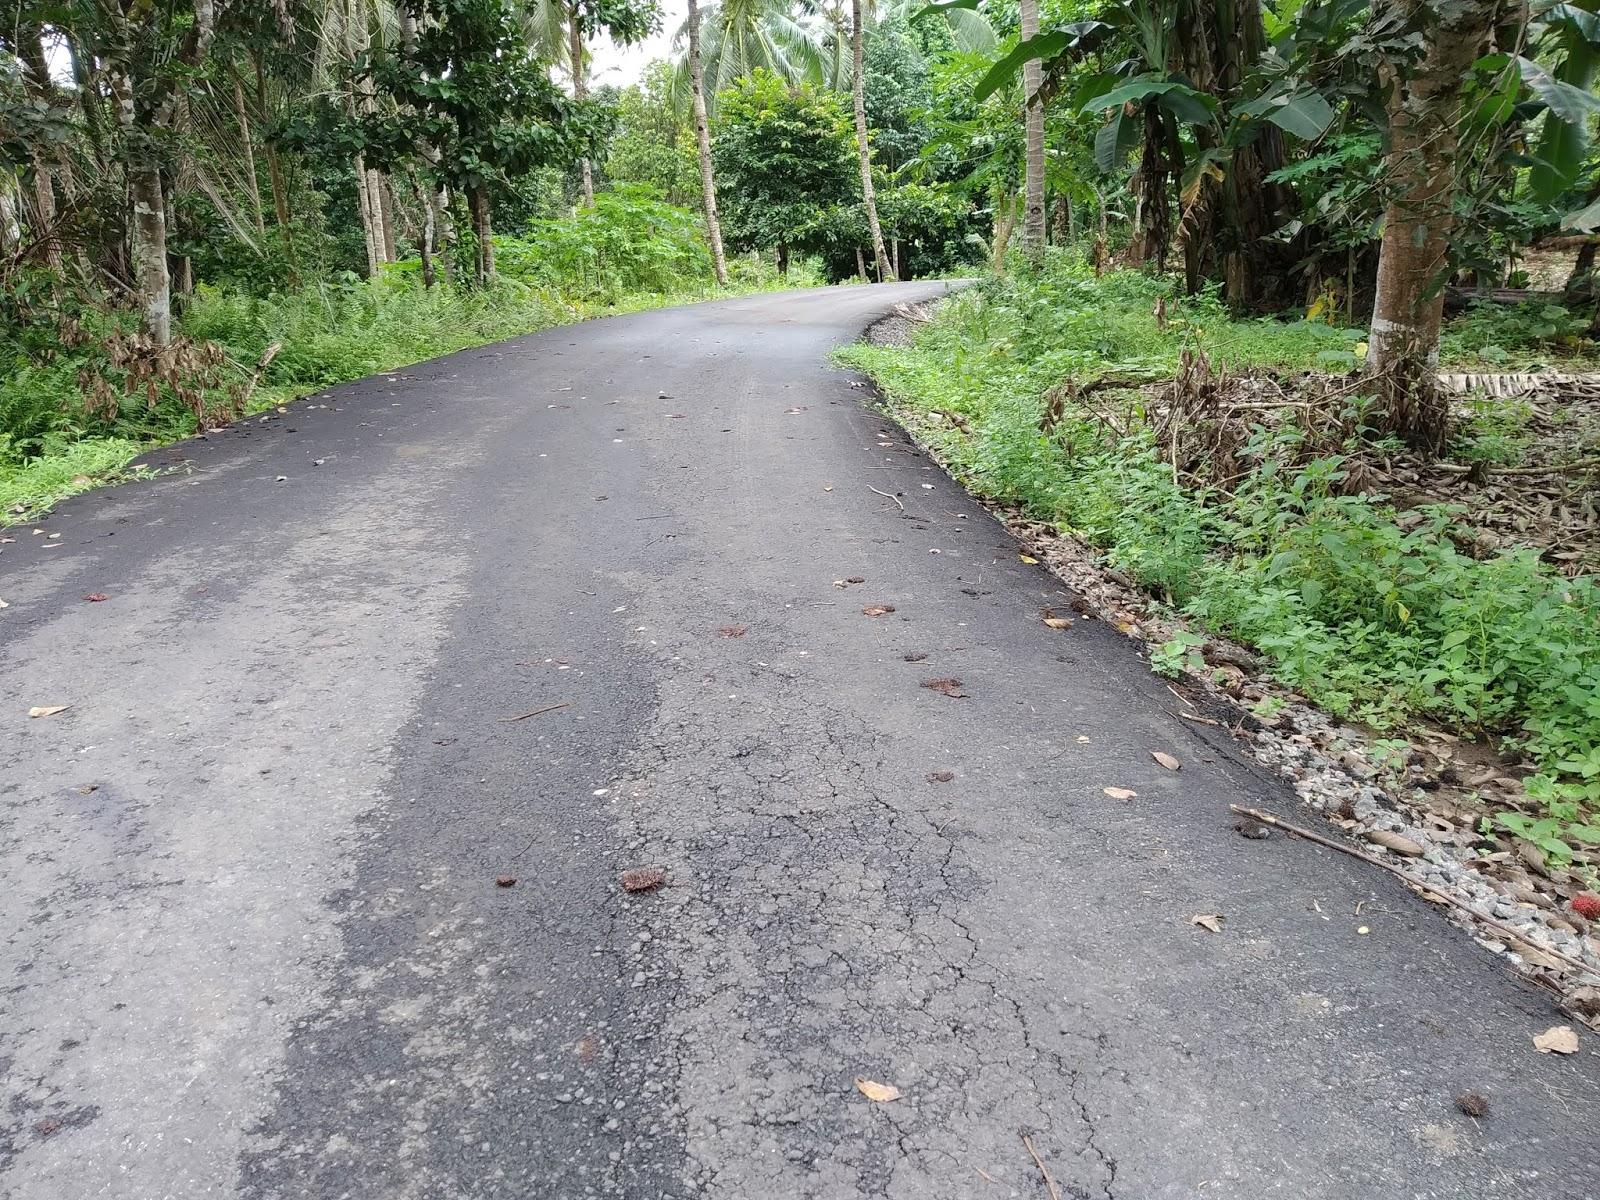 PT. Monalisa Jaya Harus Bertanggung Jawab Atas Proyek Amburadul Di Desa Kokole